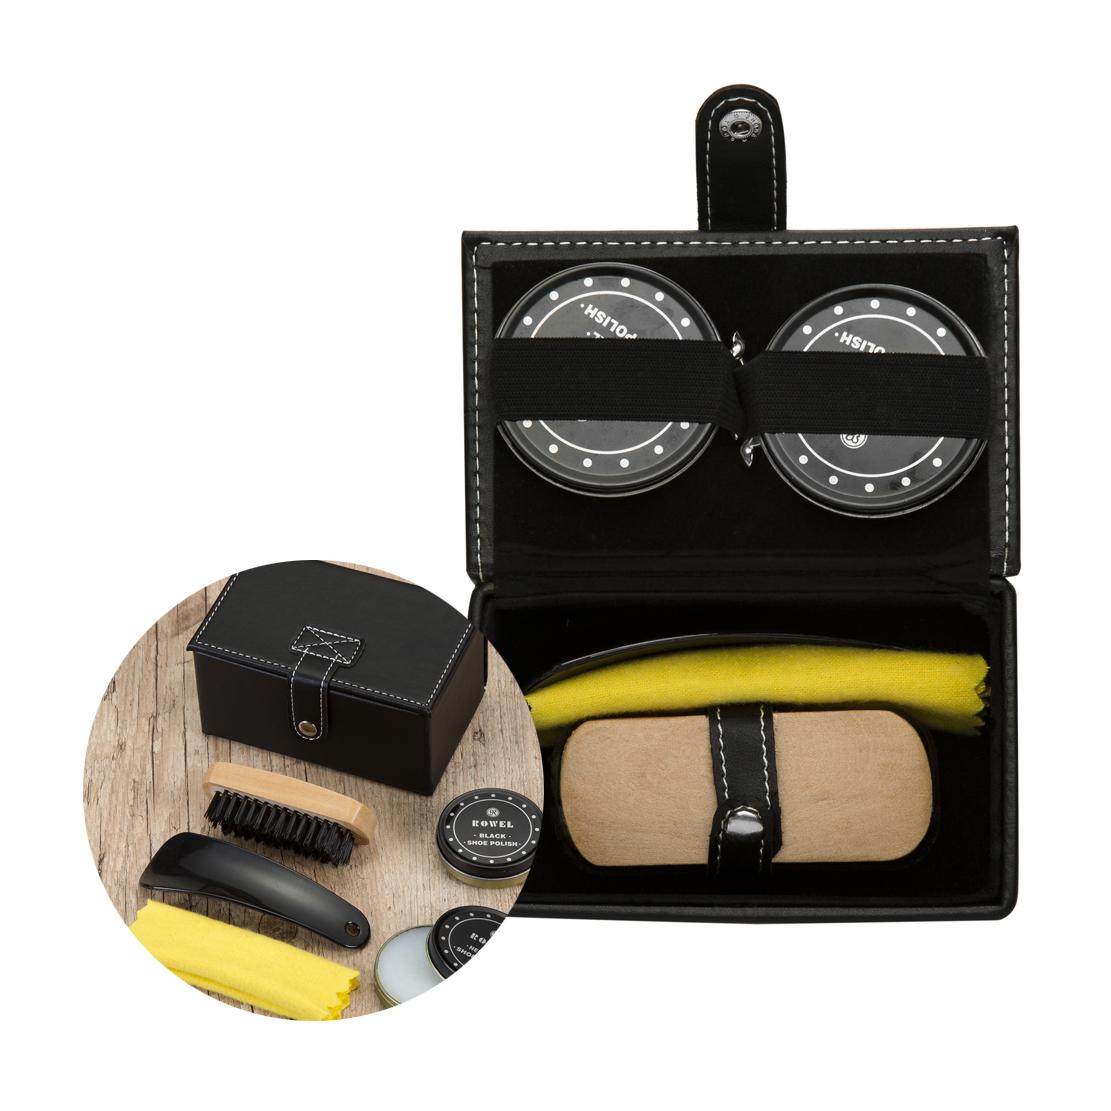 Kit Engraxate 231